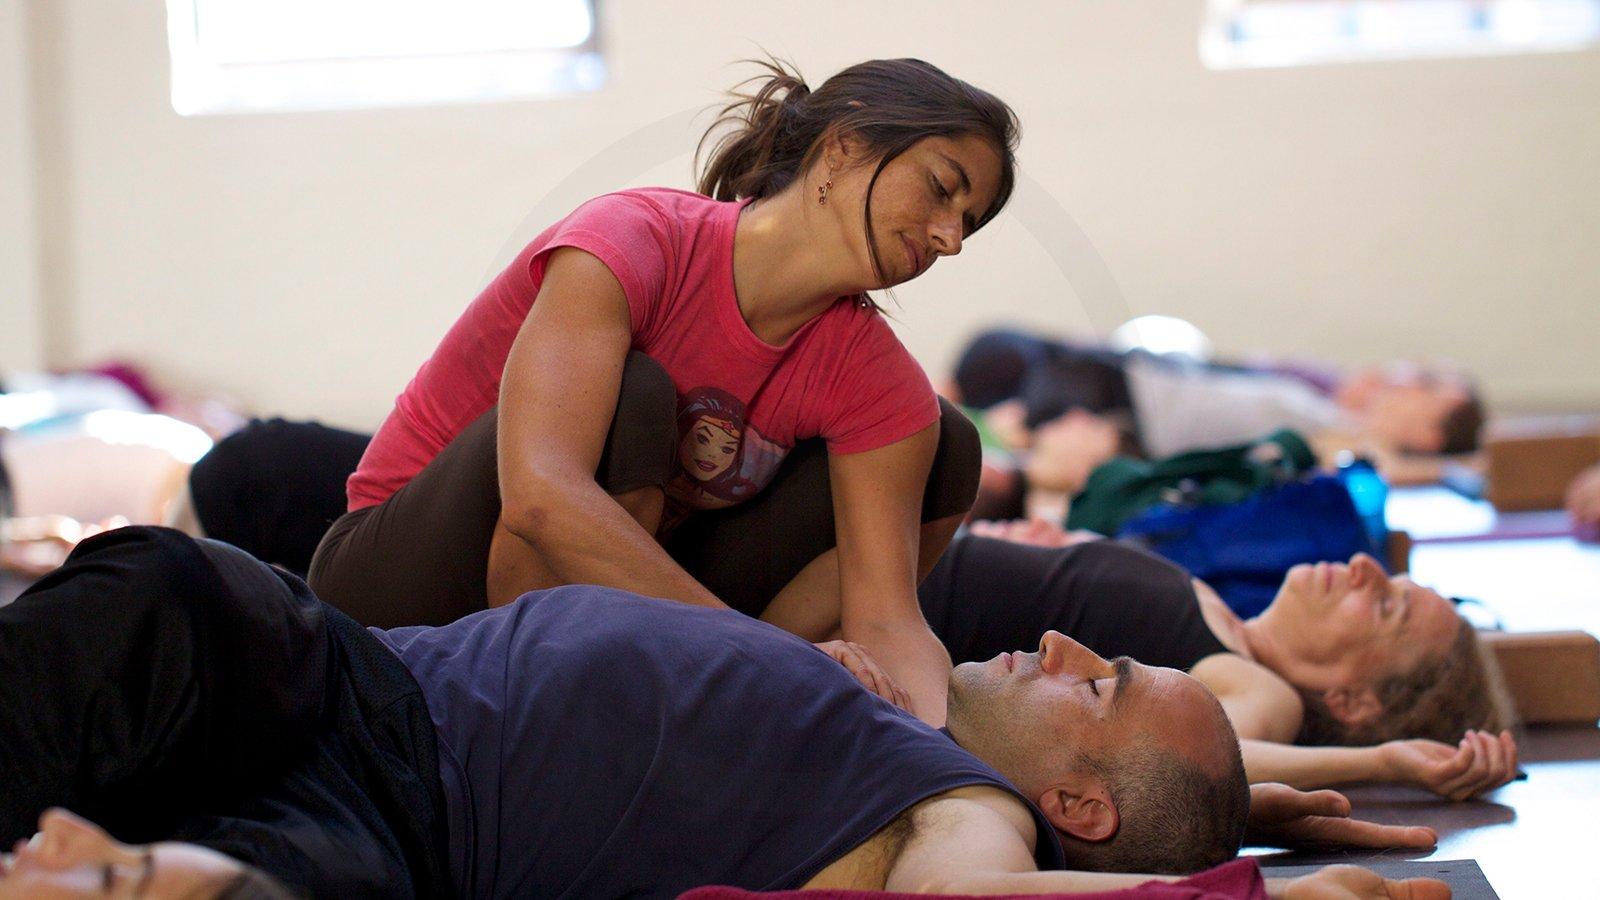 Biodynamic Yin Training